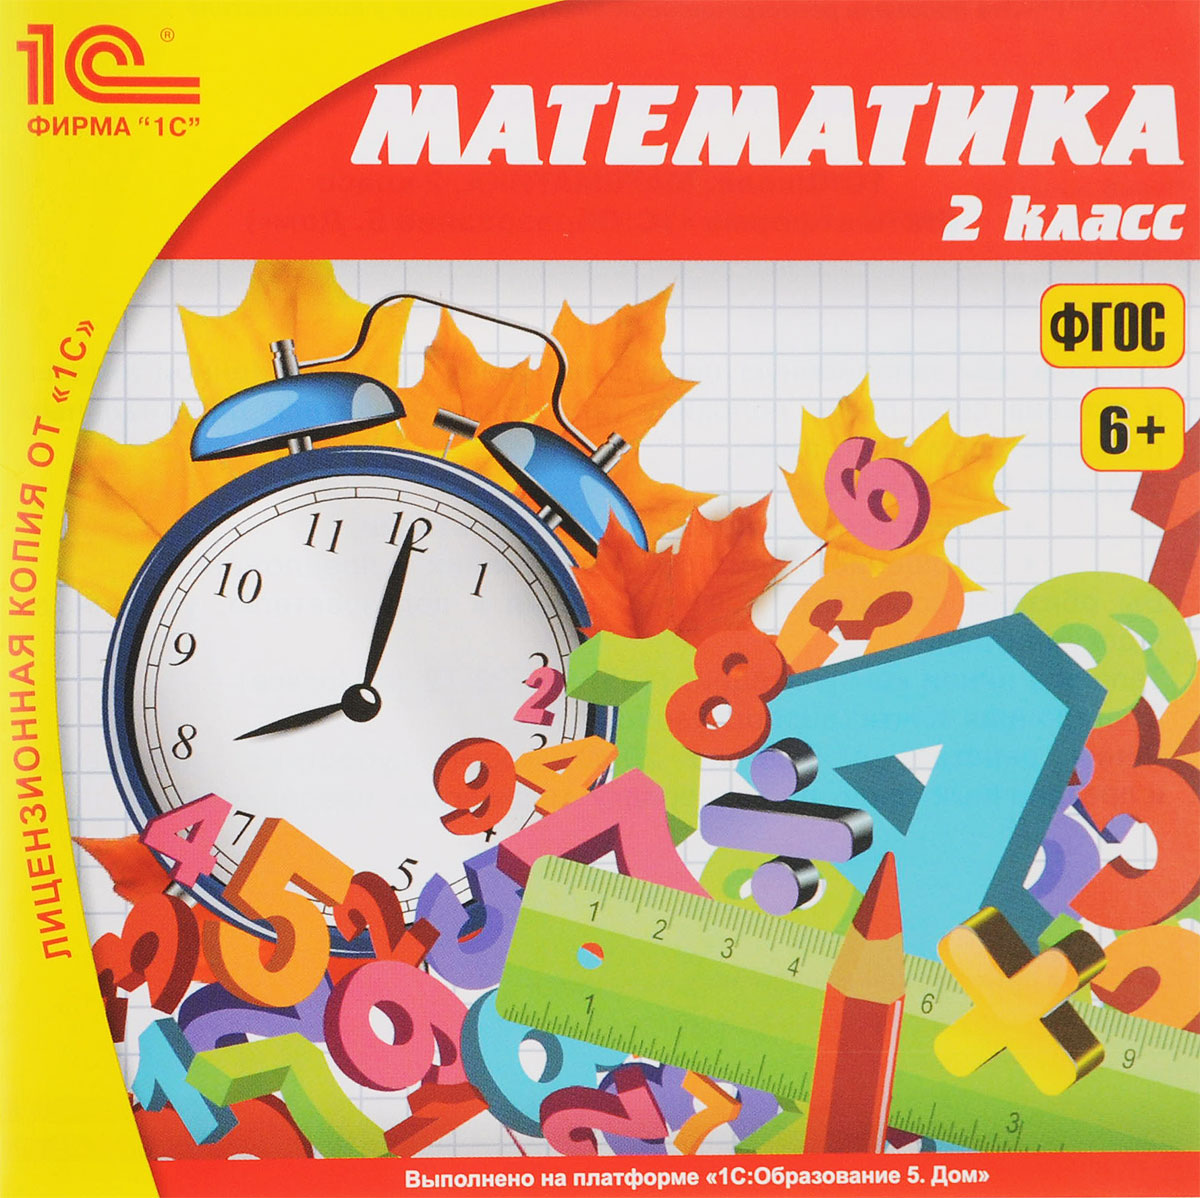 1С:Школа. Математика. 2 класс (ФГОС) математика 1 класс 200 заданий по математике для тематического контроля числа от 1 до 10